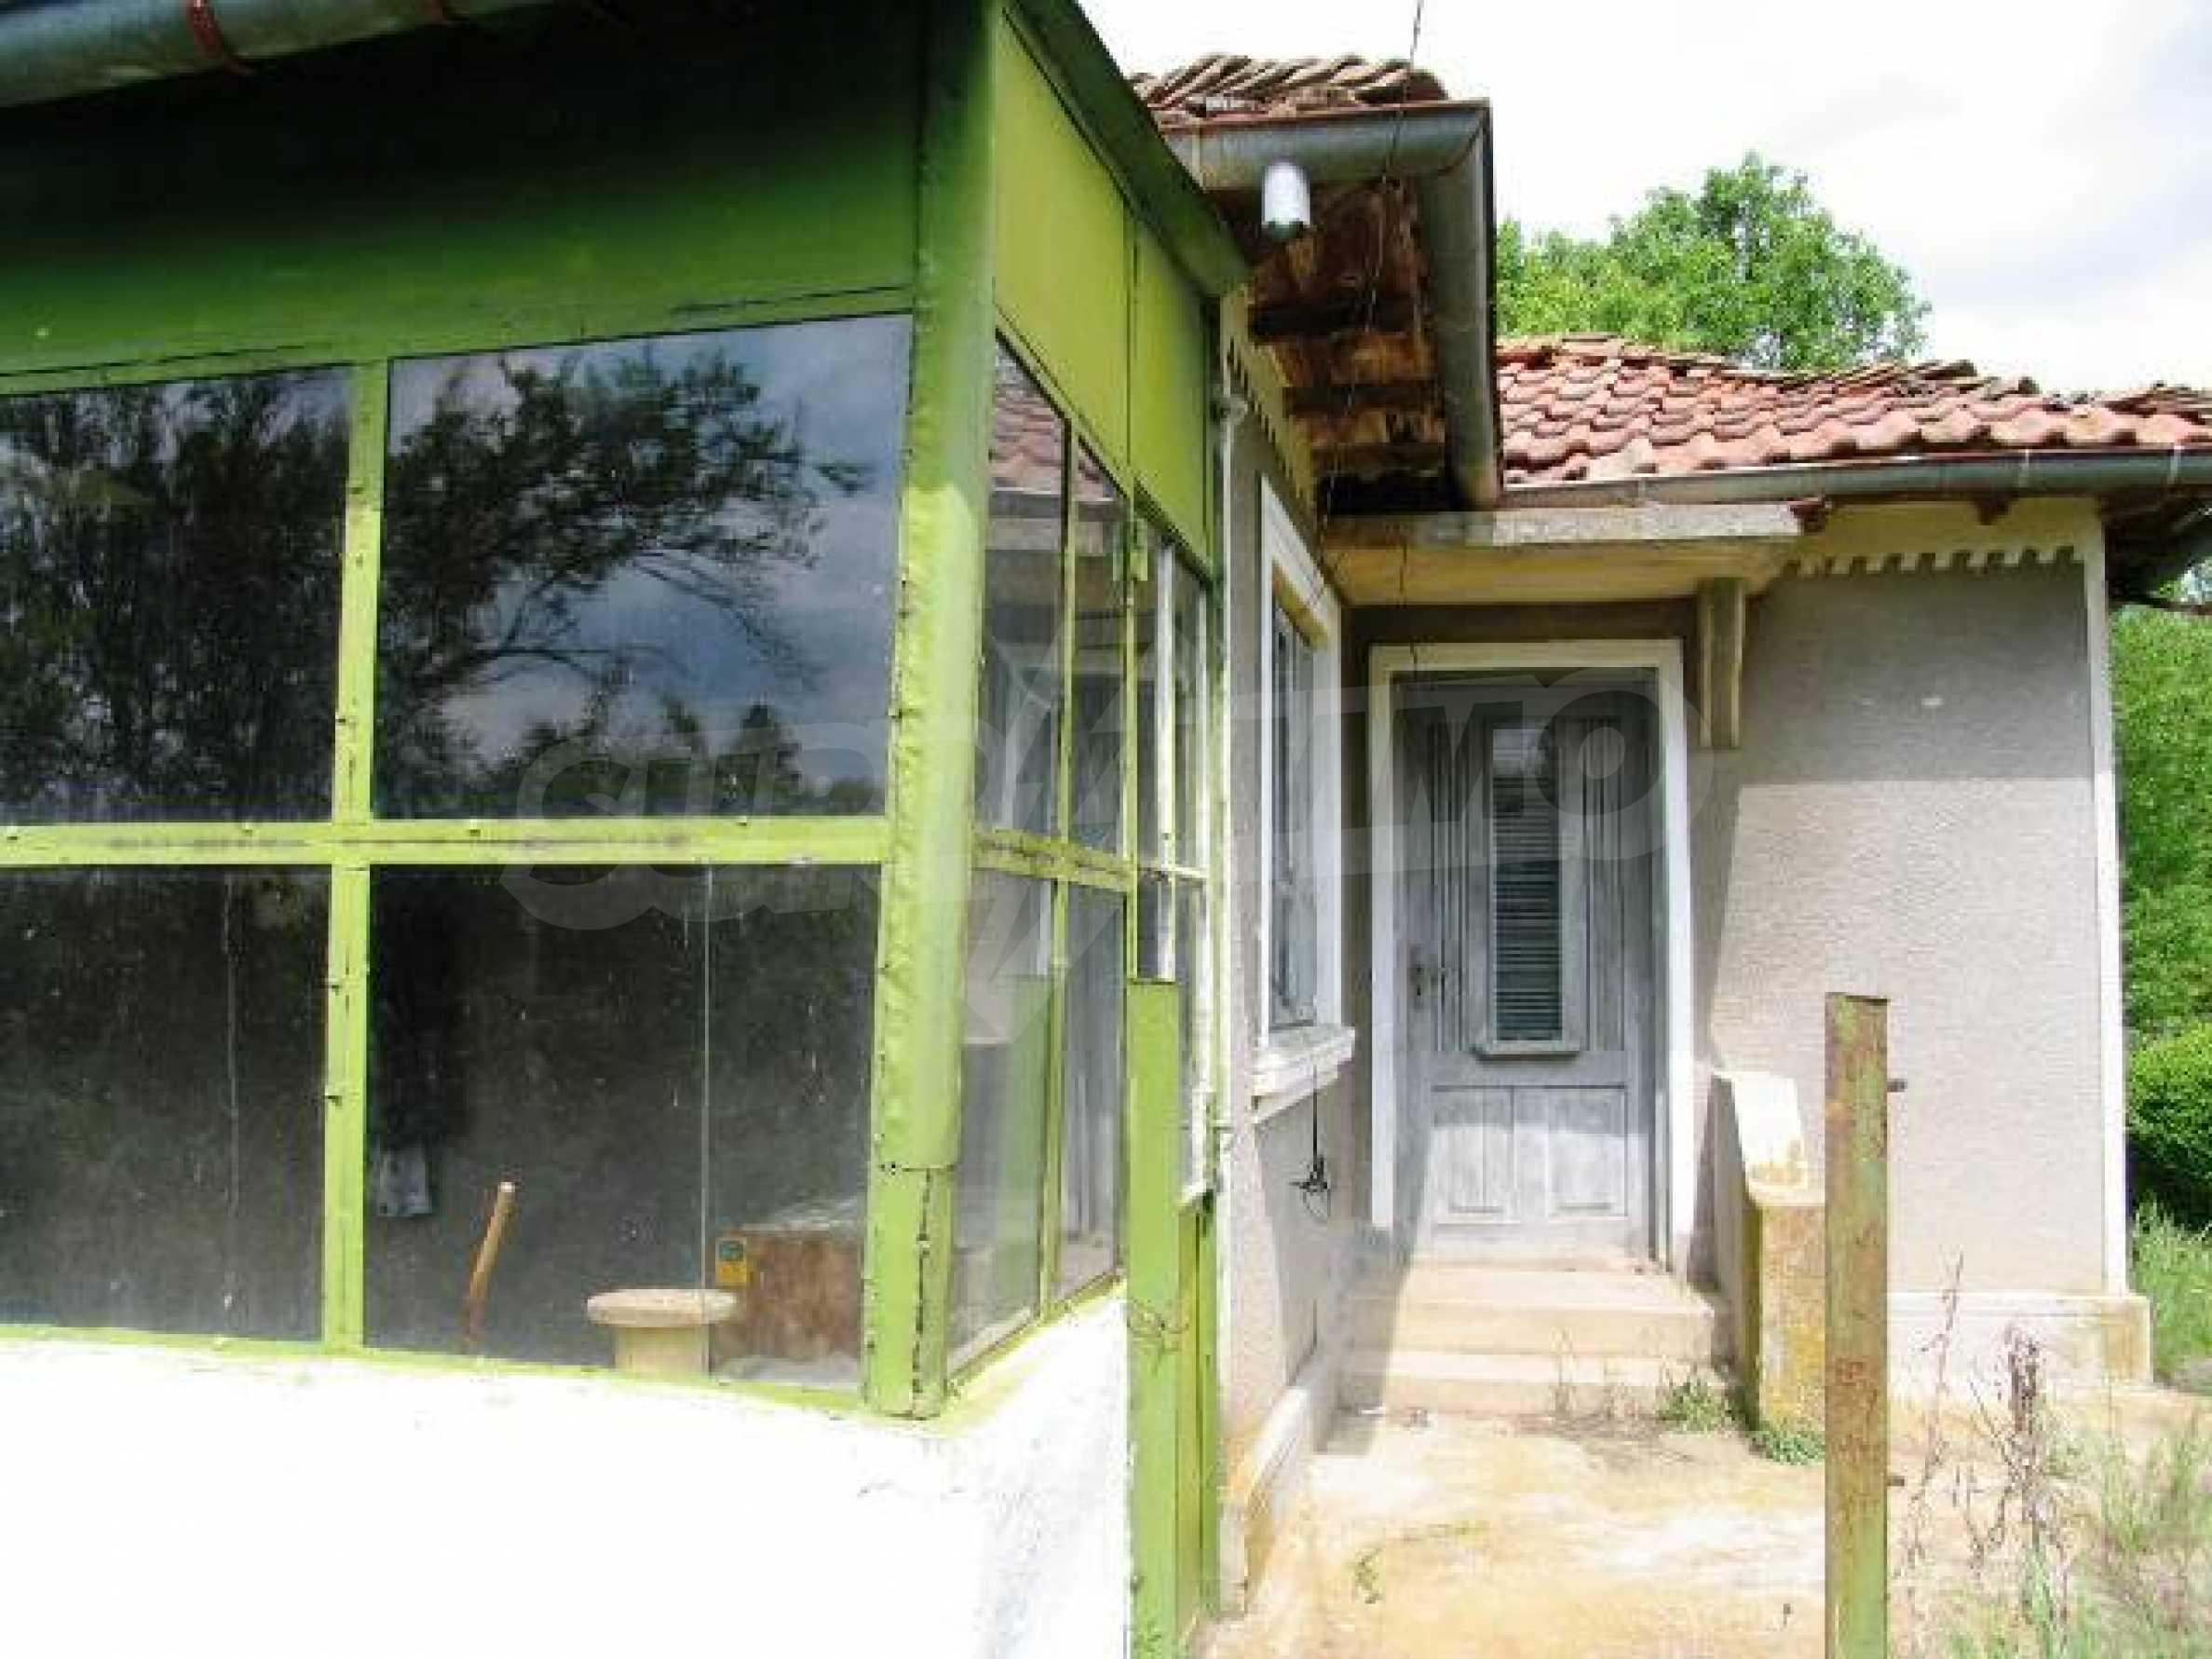 House for sale in Zementsi village near by Romanian border 9